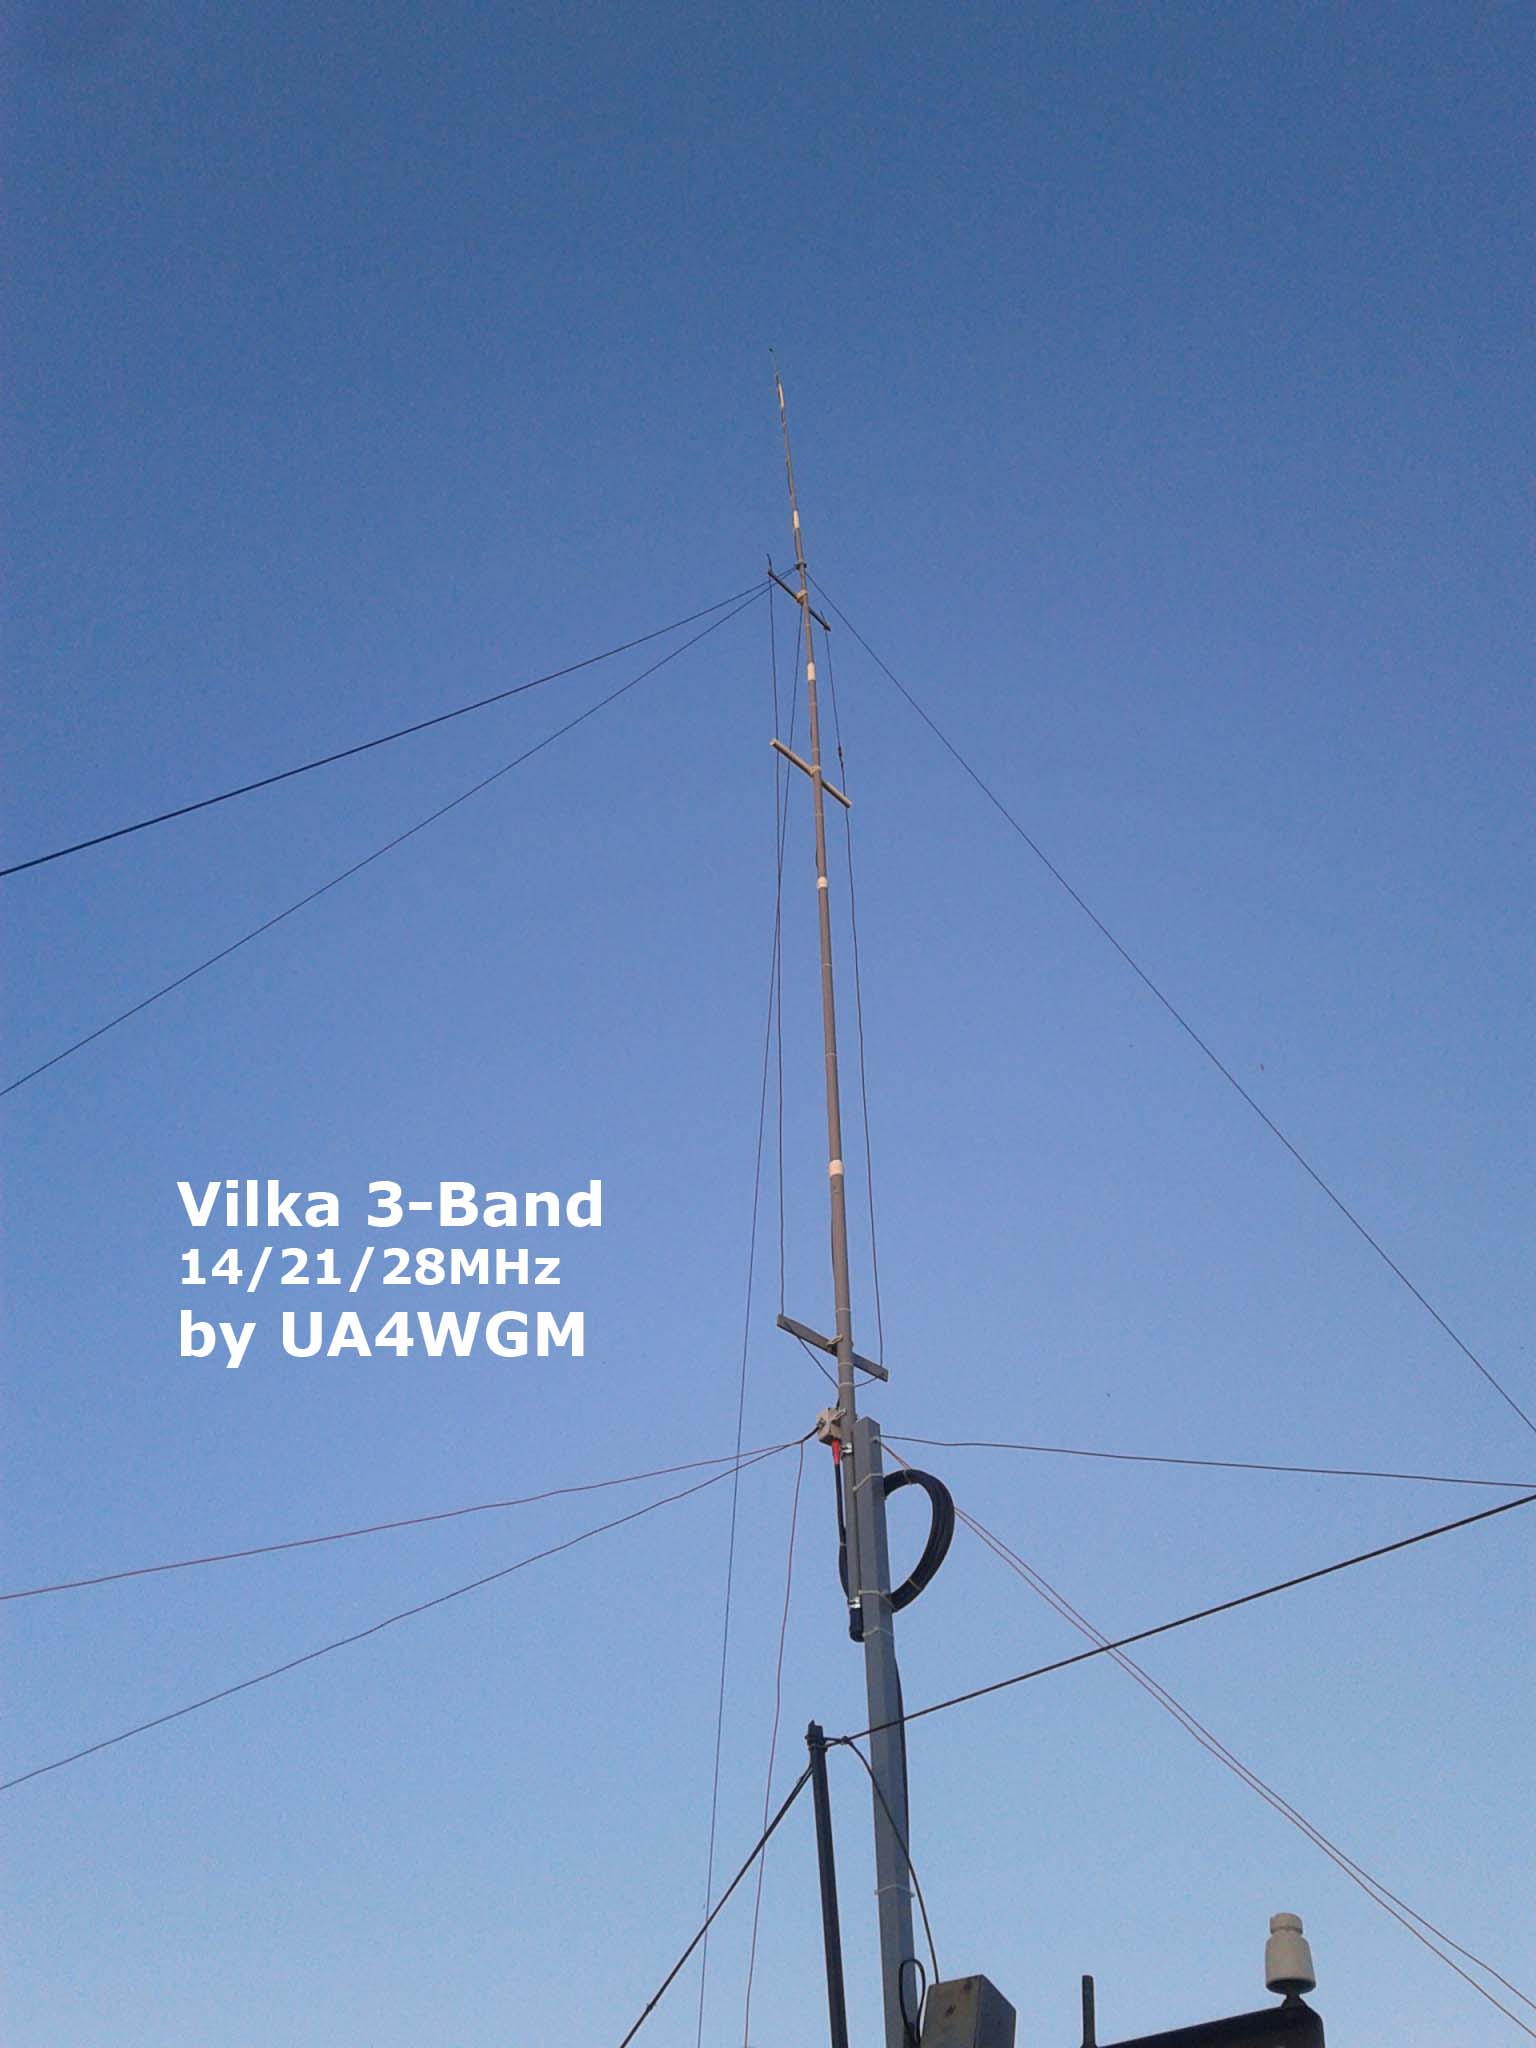 Нажмите на изображение для увеличения.  Название:UA4WGM_Vilka_3-band_01.jpg Просмотров:5534 Размер:128.2 Кб ID:118516